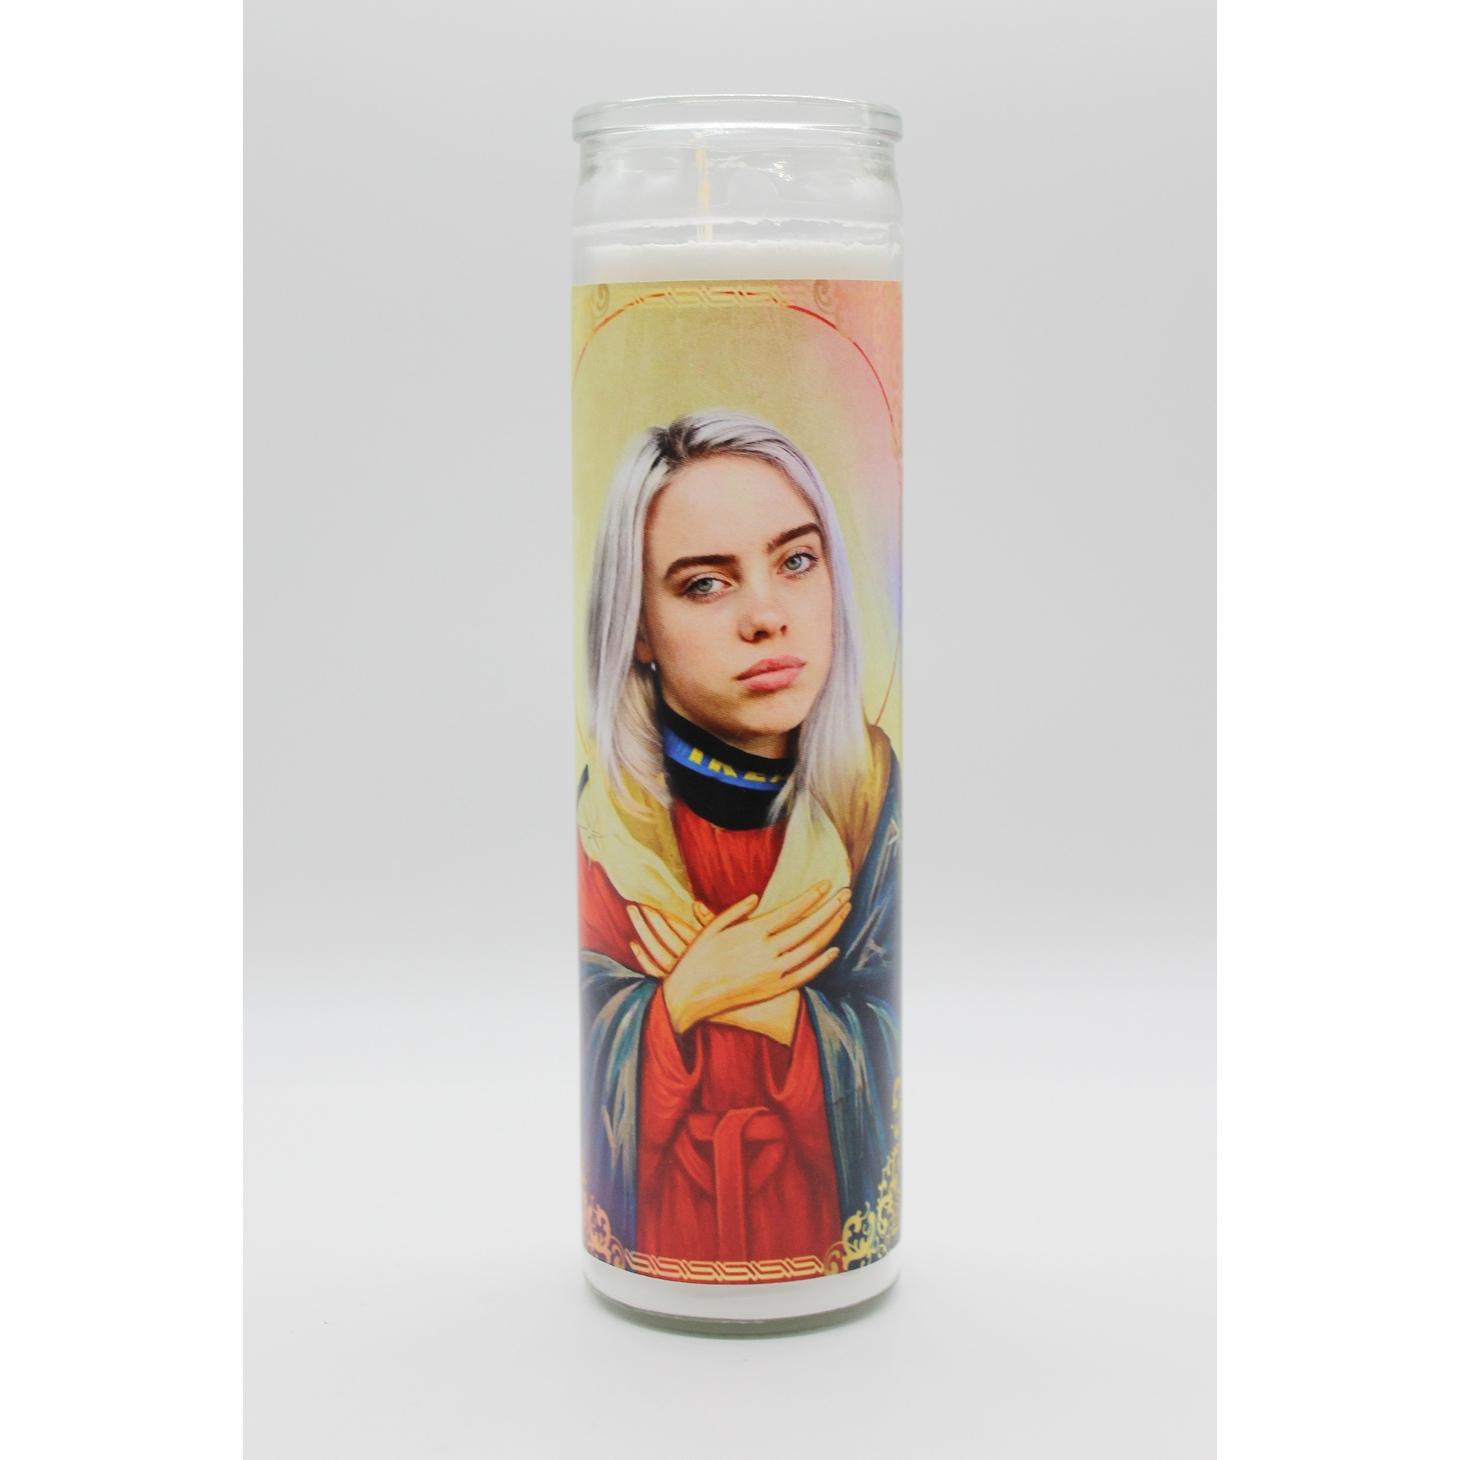 Billie Eillish Candle